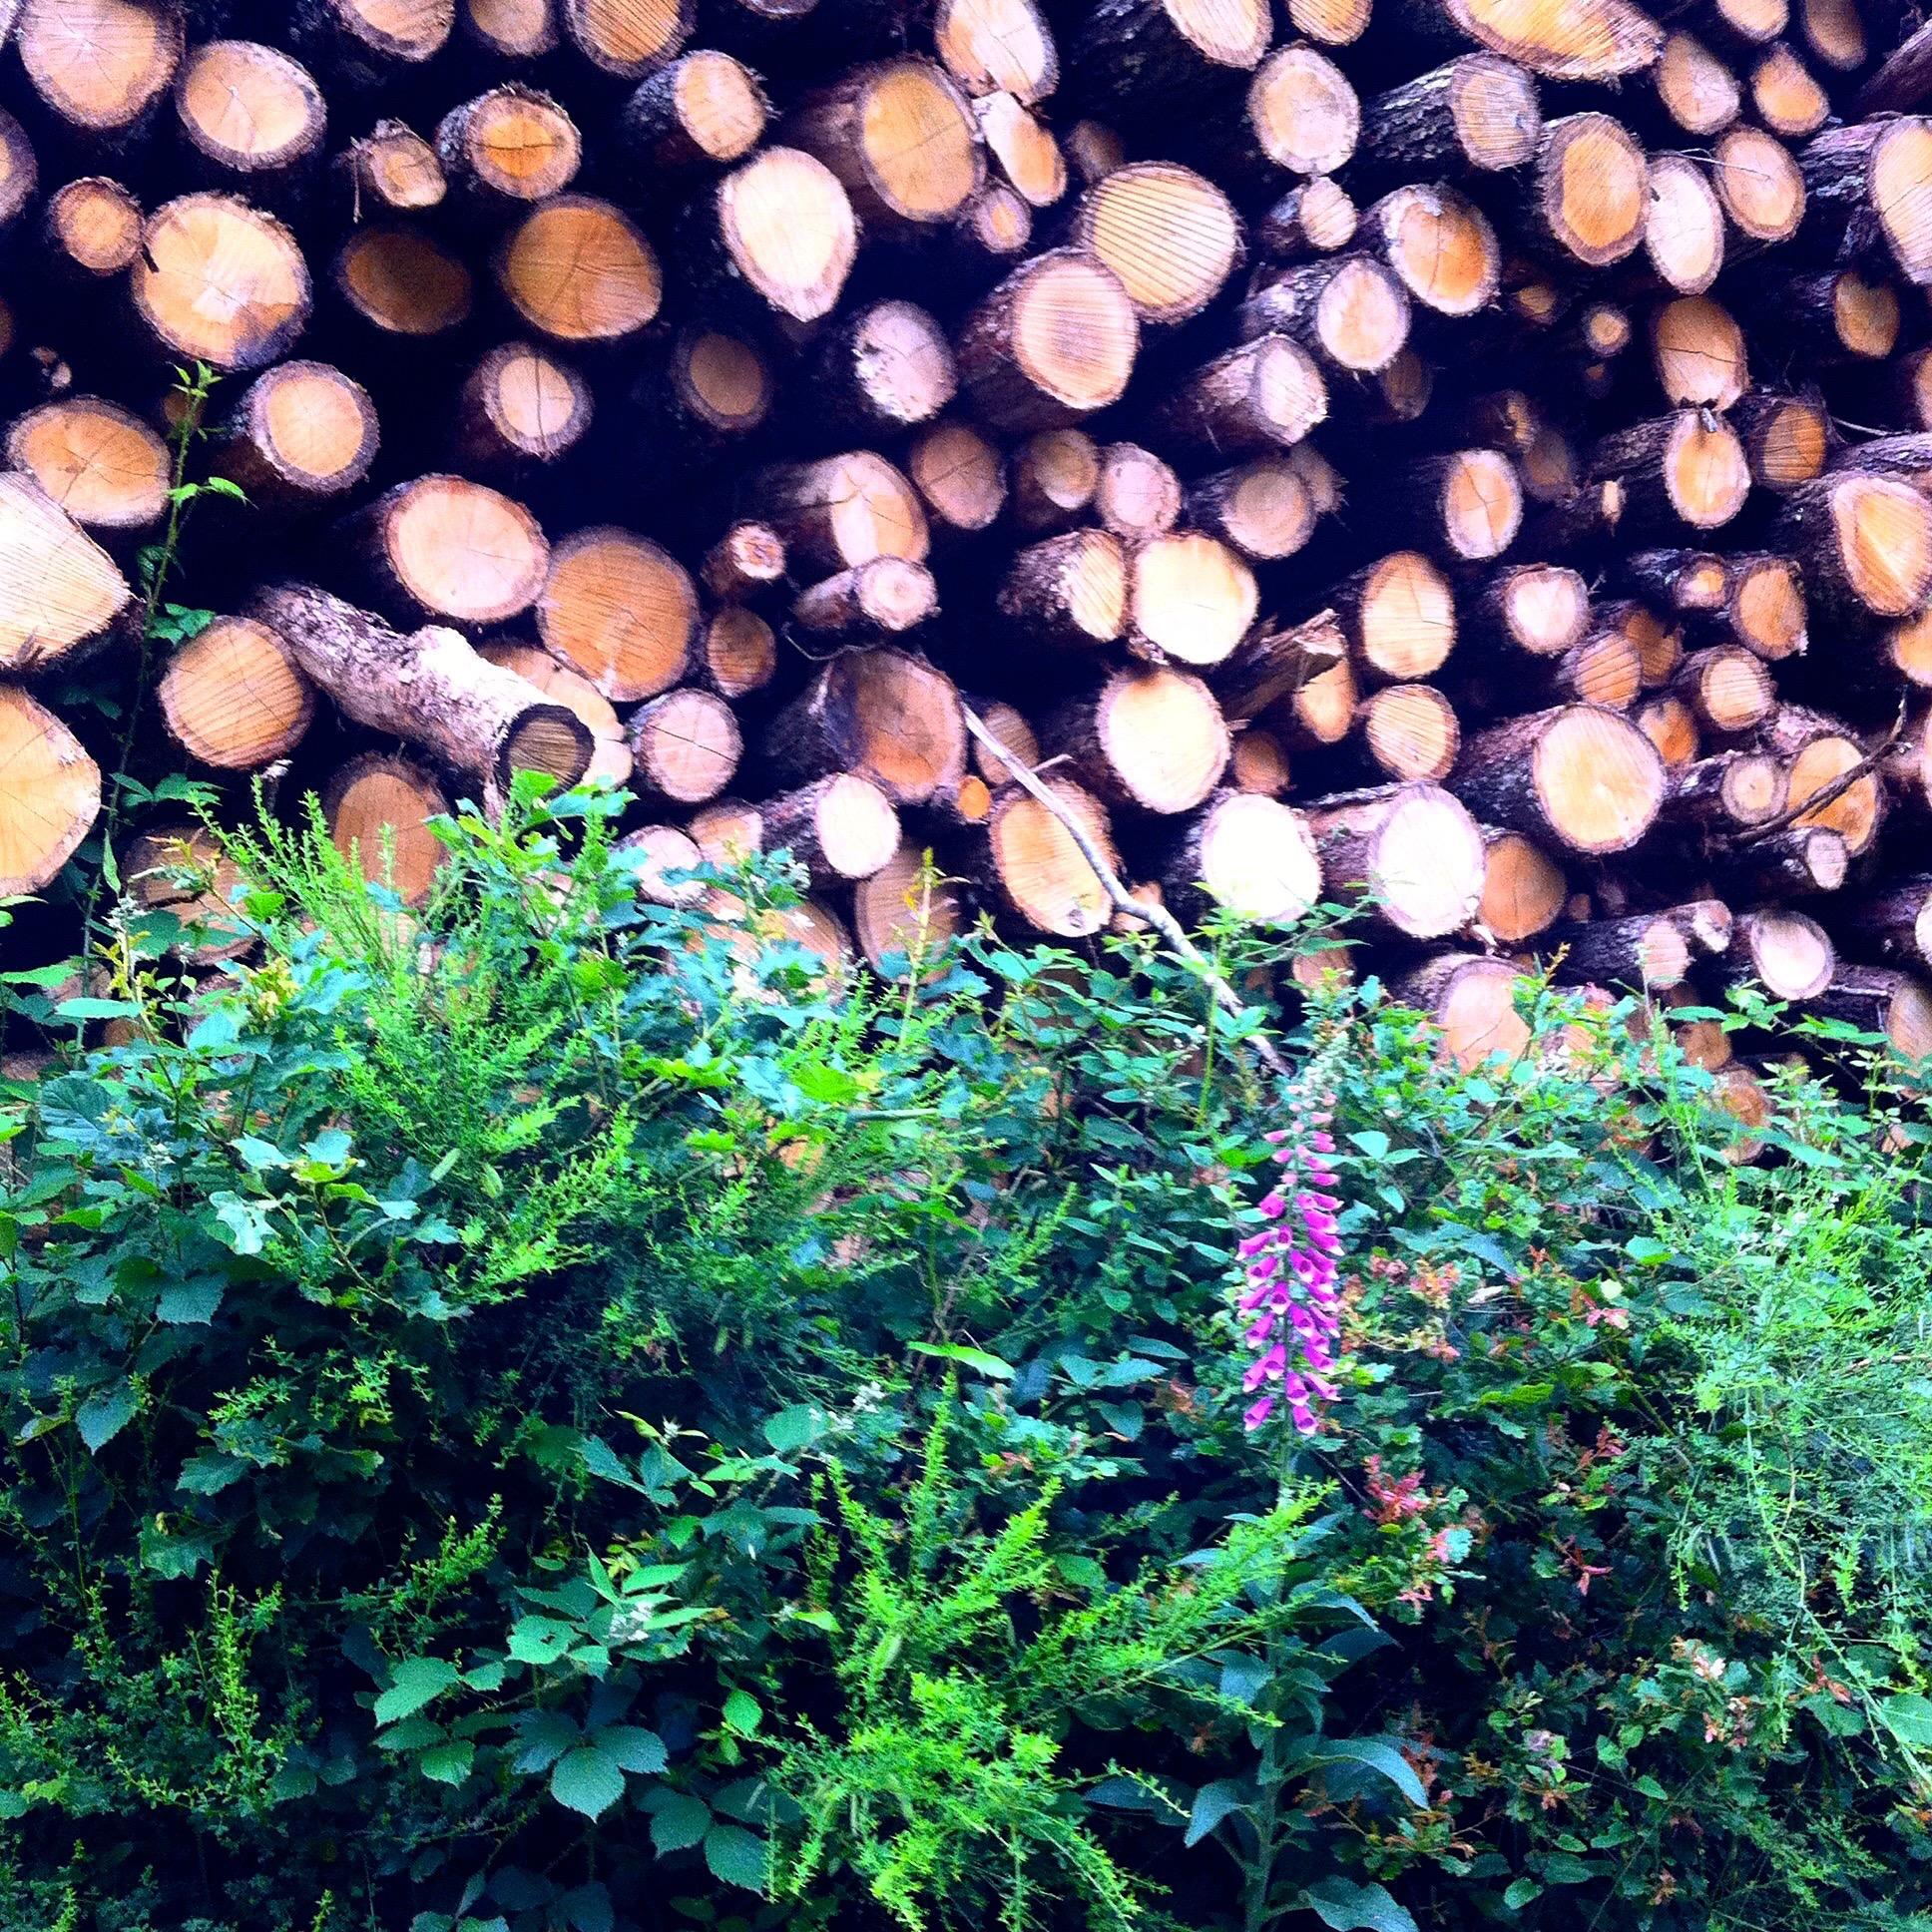 A foxglove and logs